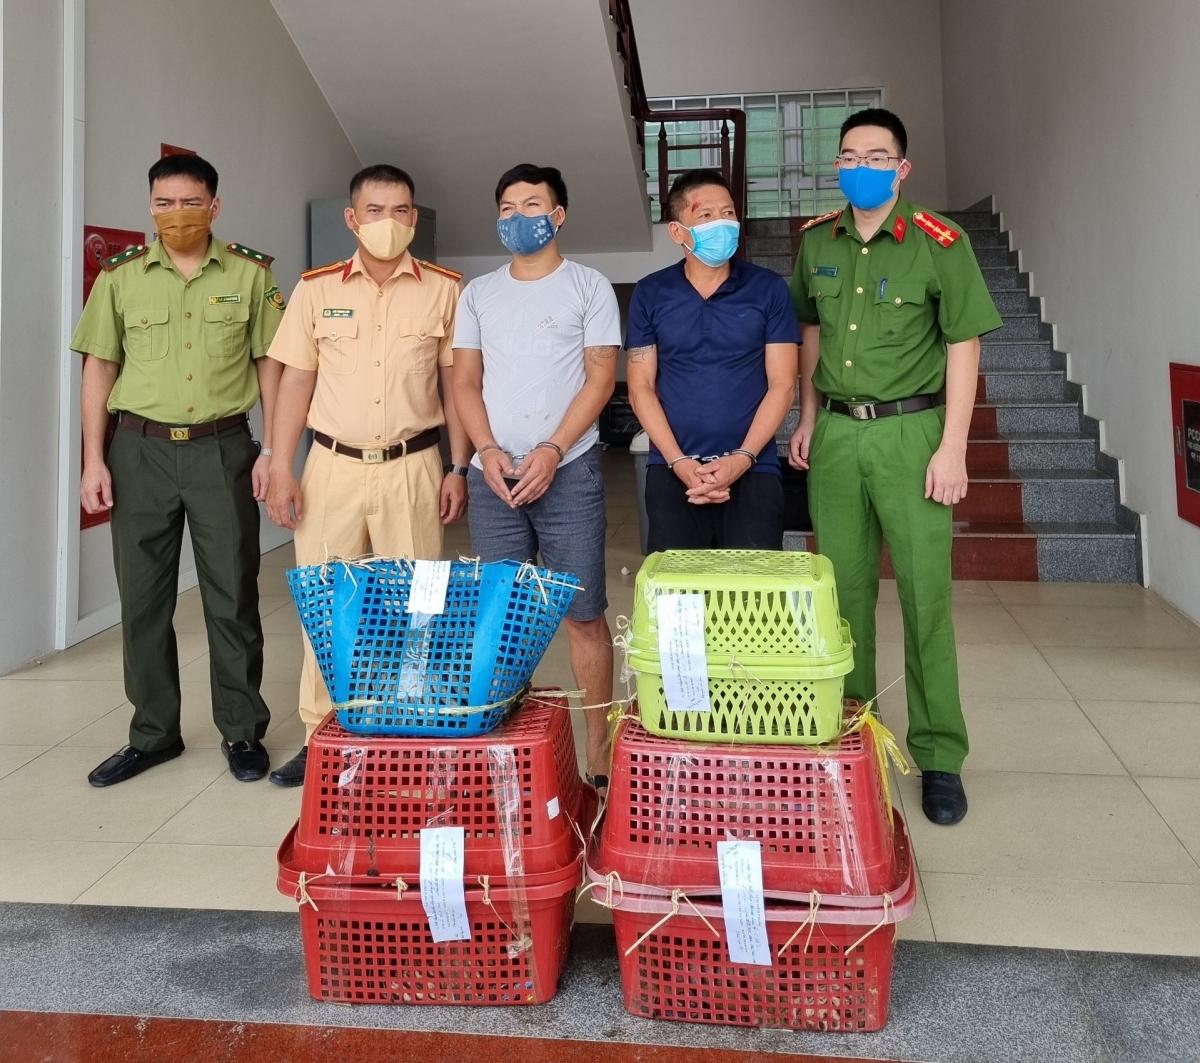 Như VOV.VN đã thông tin trước đó, vào rạng sáng 1/8, Phòng Cảnh sát môi trường Công an tỉnh Nghệ An chủ trì, phối hợp Trạm Cảnh sát giao thông Diễn Châu bắt giữ 2 đối tượng trên đường vận chuyển 7 cá thể hổ. 7 cá thể hổ được vận chuyển trên chiếc ô tô 7 chỗ.